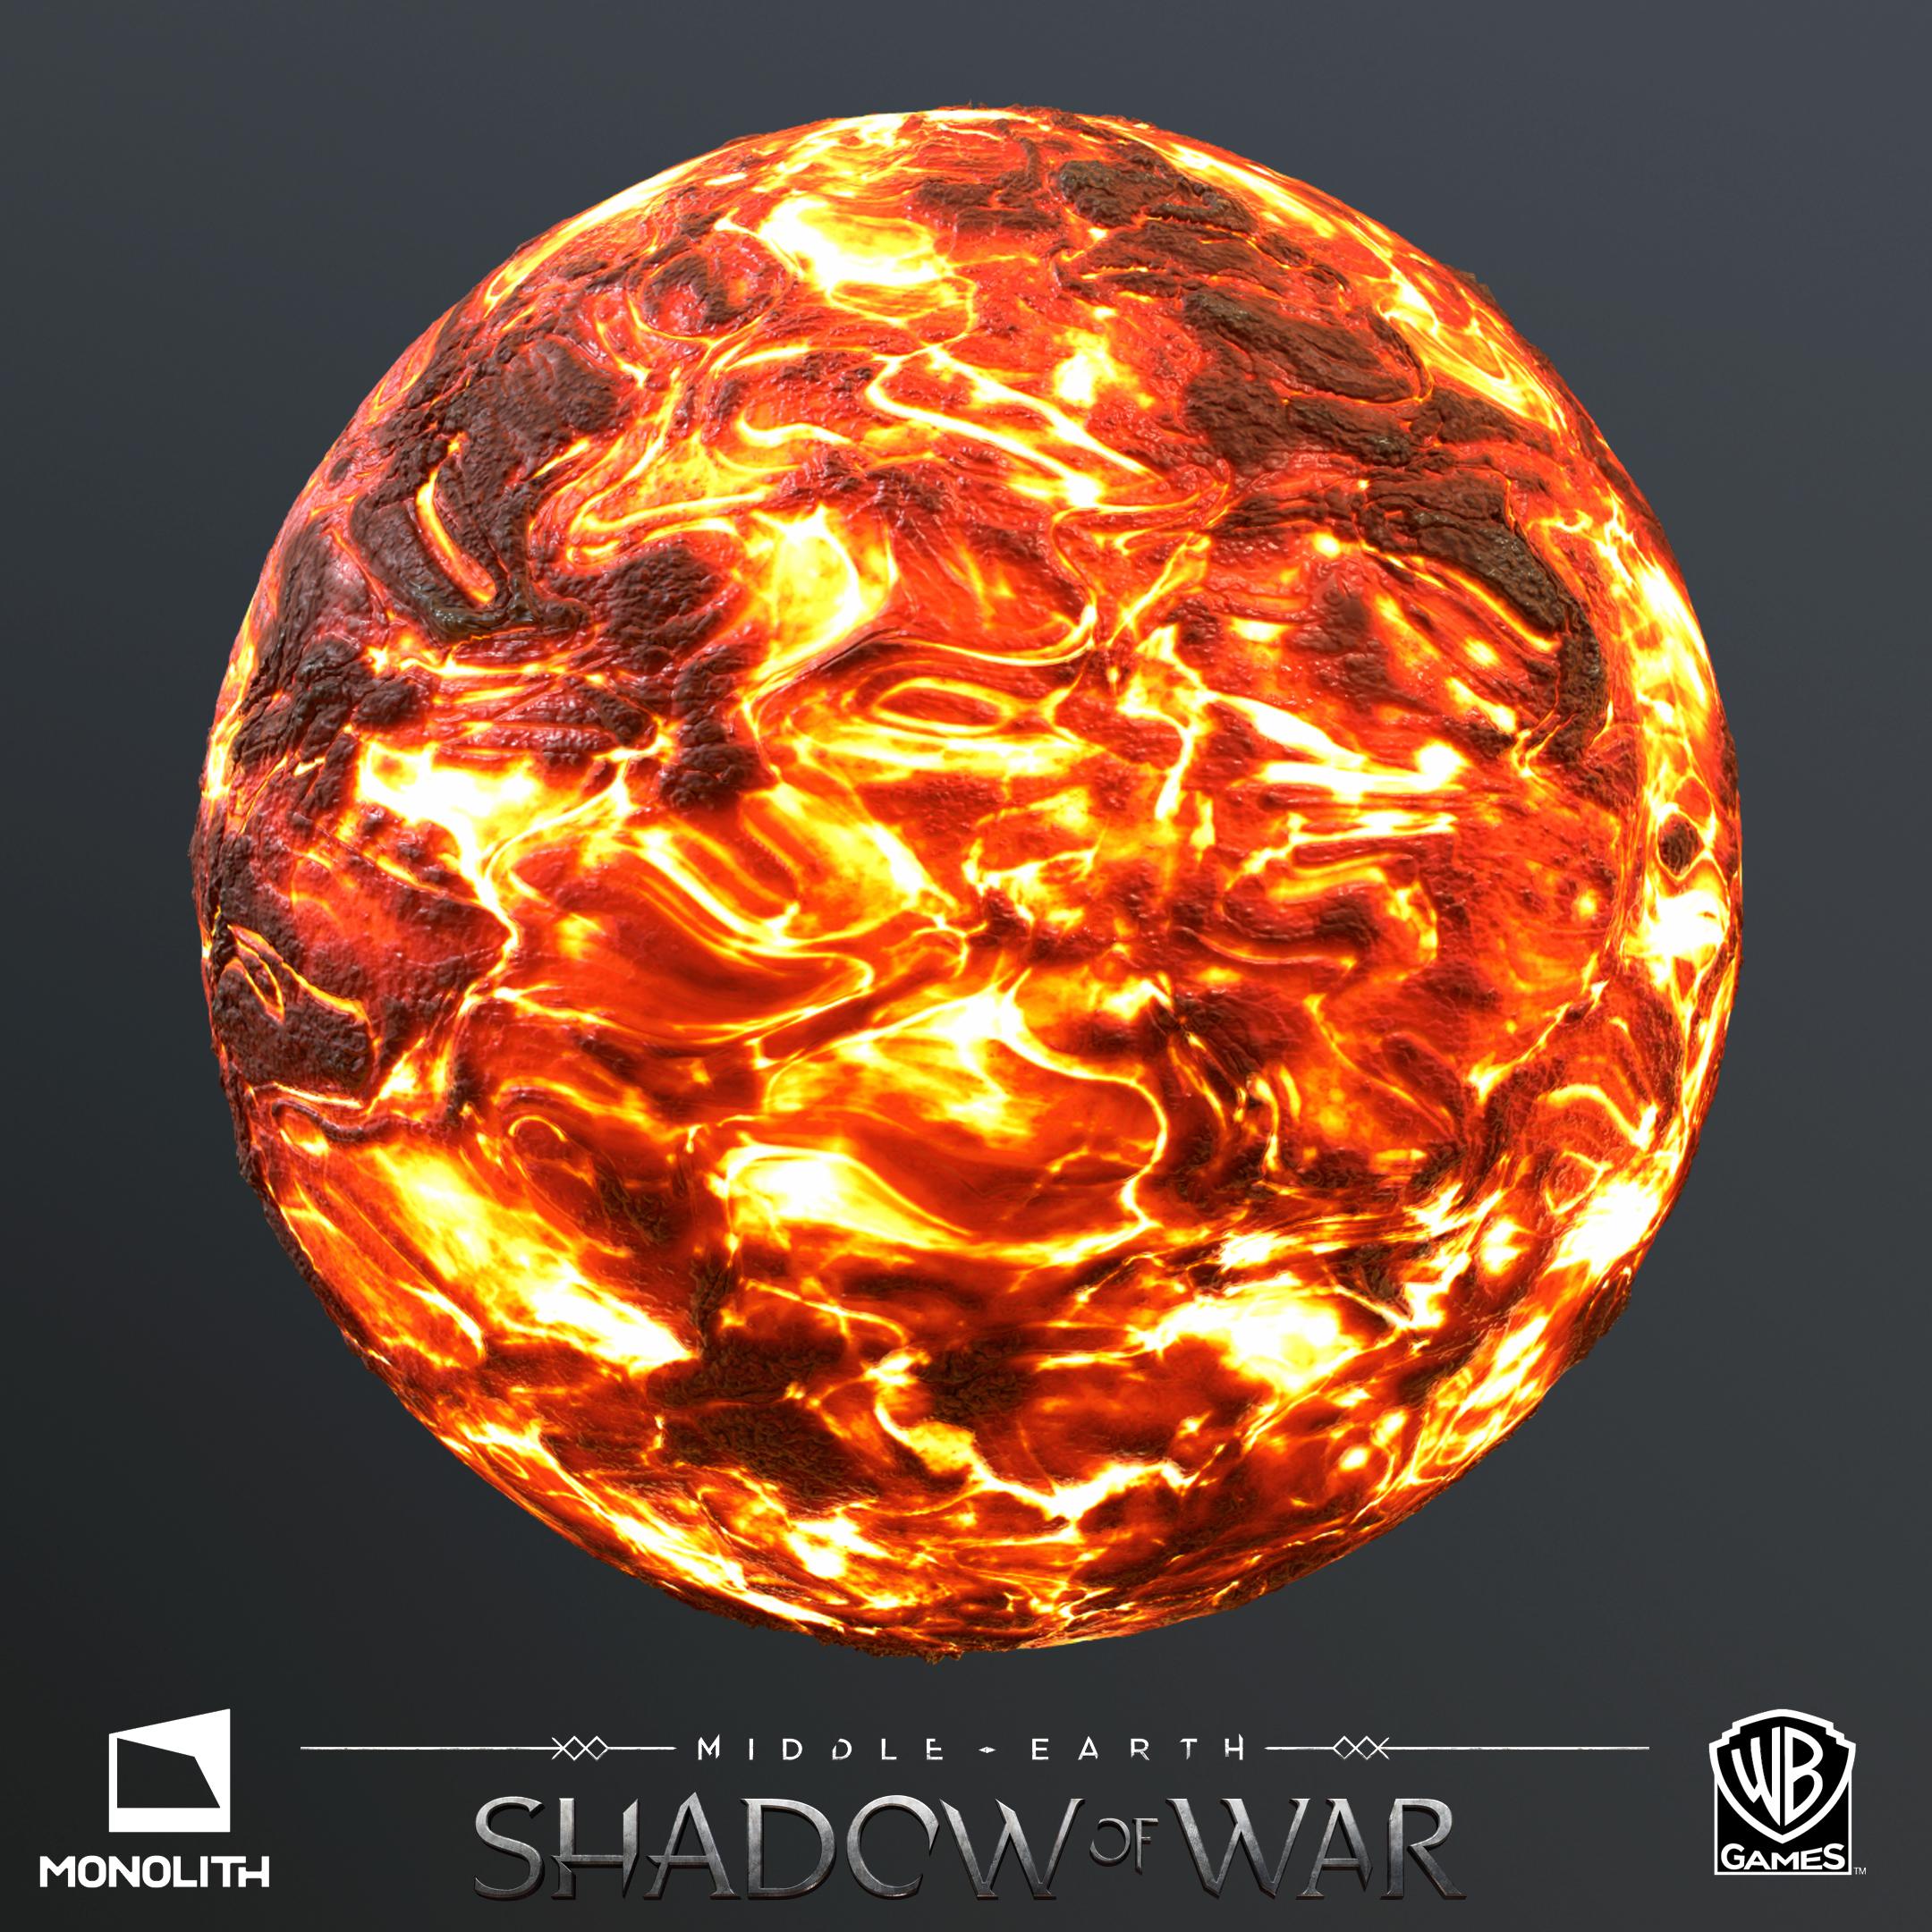 Lava_Sphere2